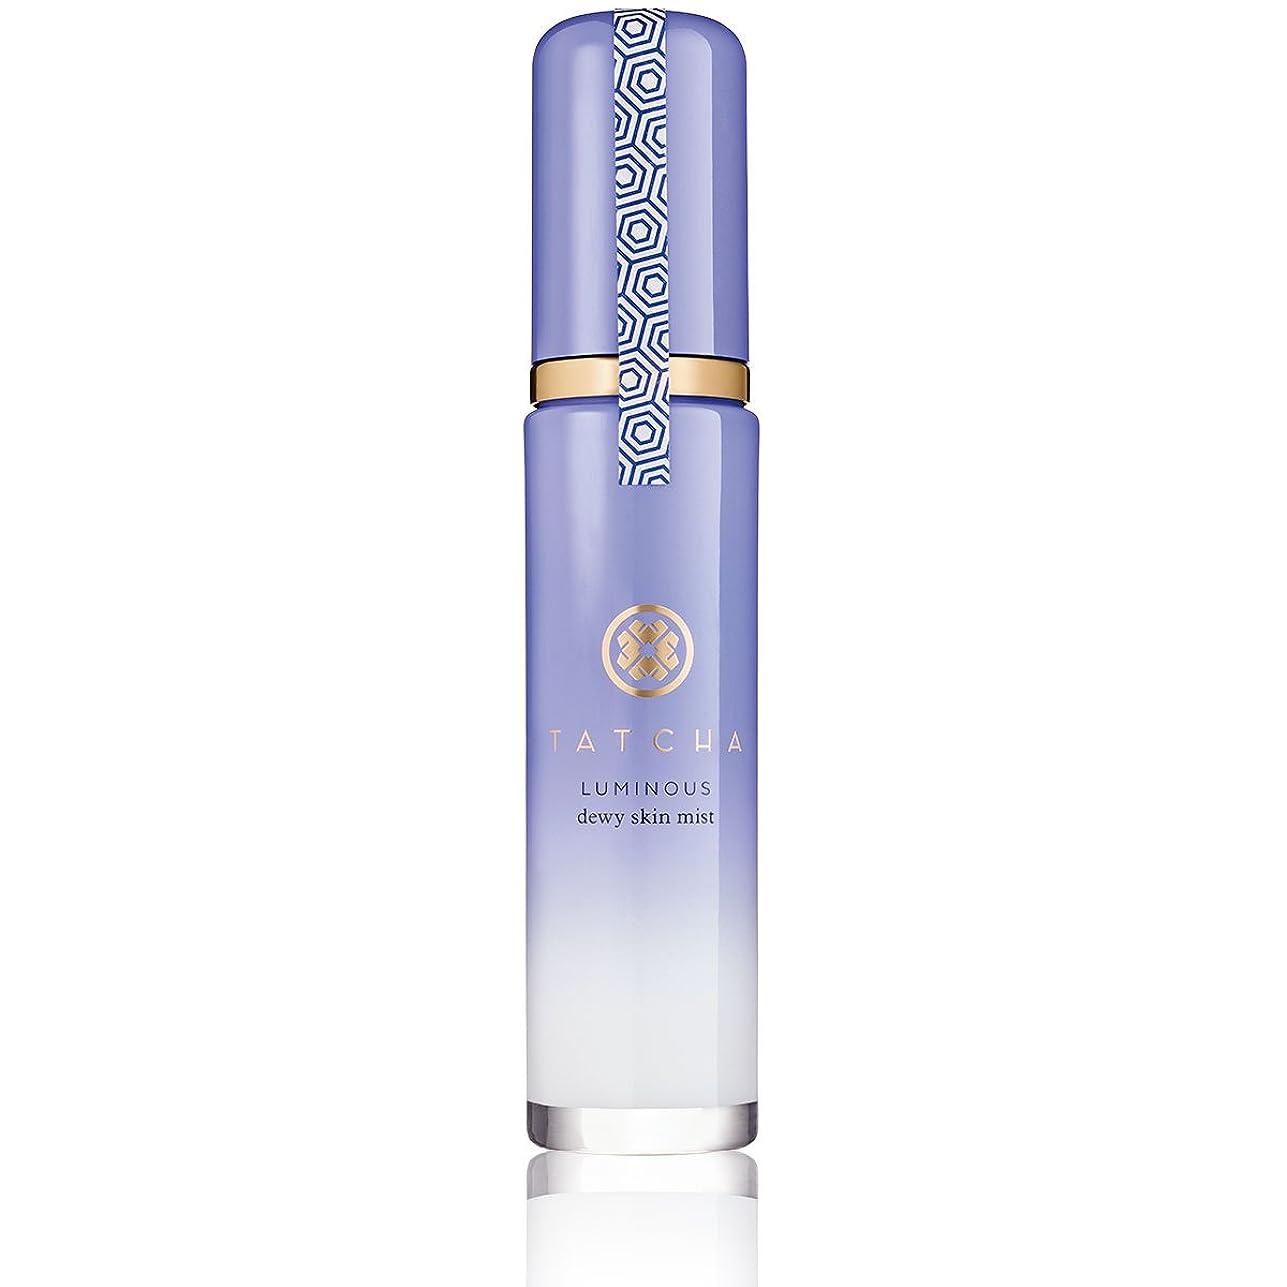 シェル伝統的エラーTATCHA(タチャ) デューイ スキンミスト 化粧水